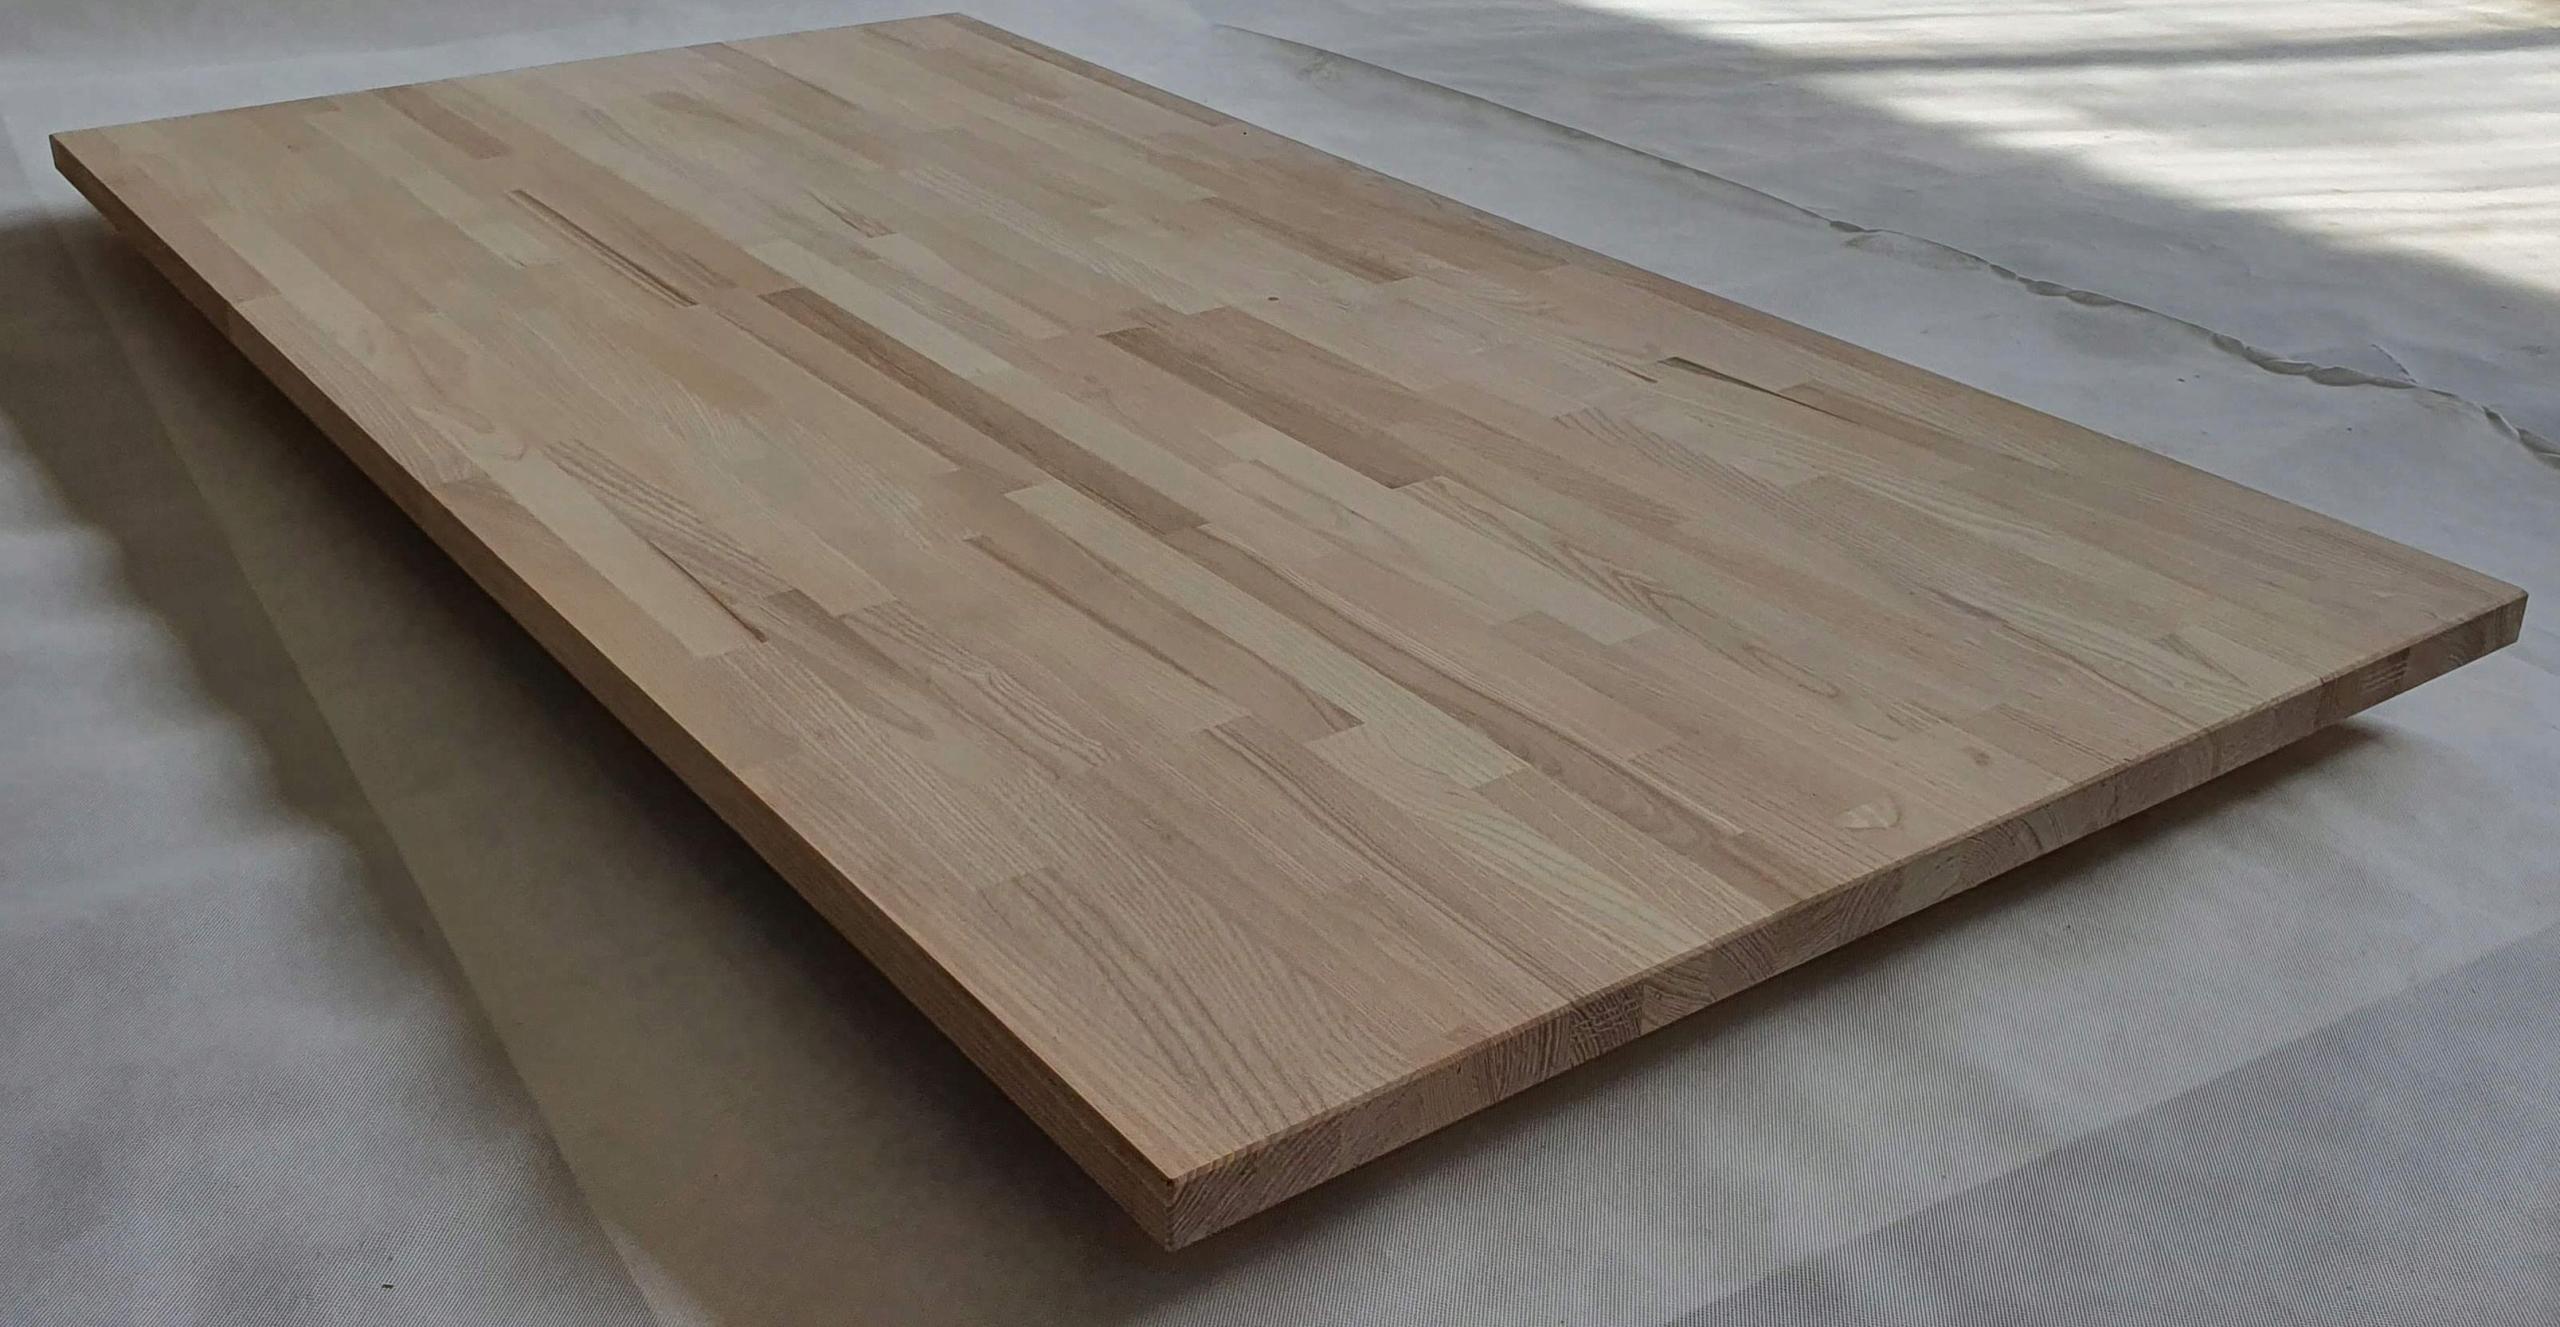 blat drewniany jesionowy 2160x620x20mm OD RĘKI!!